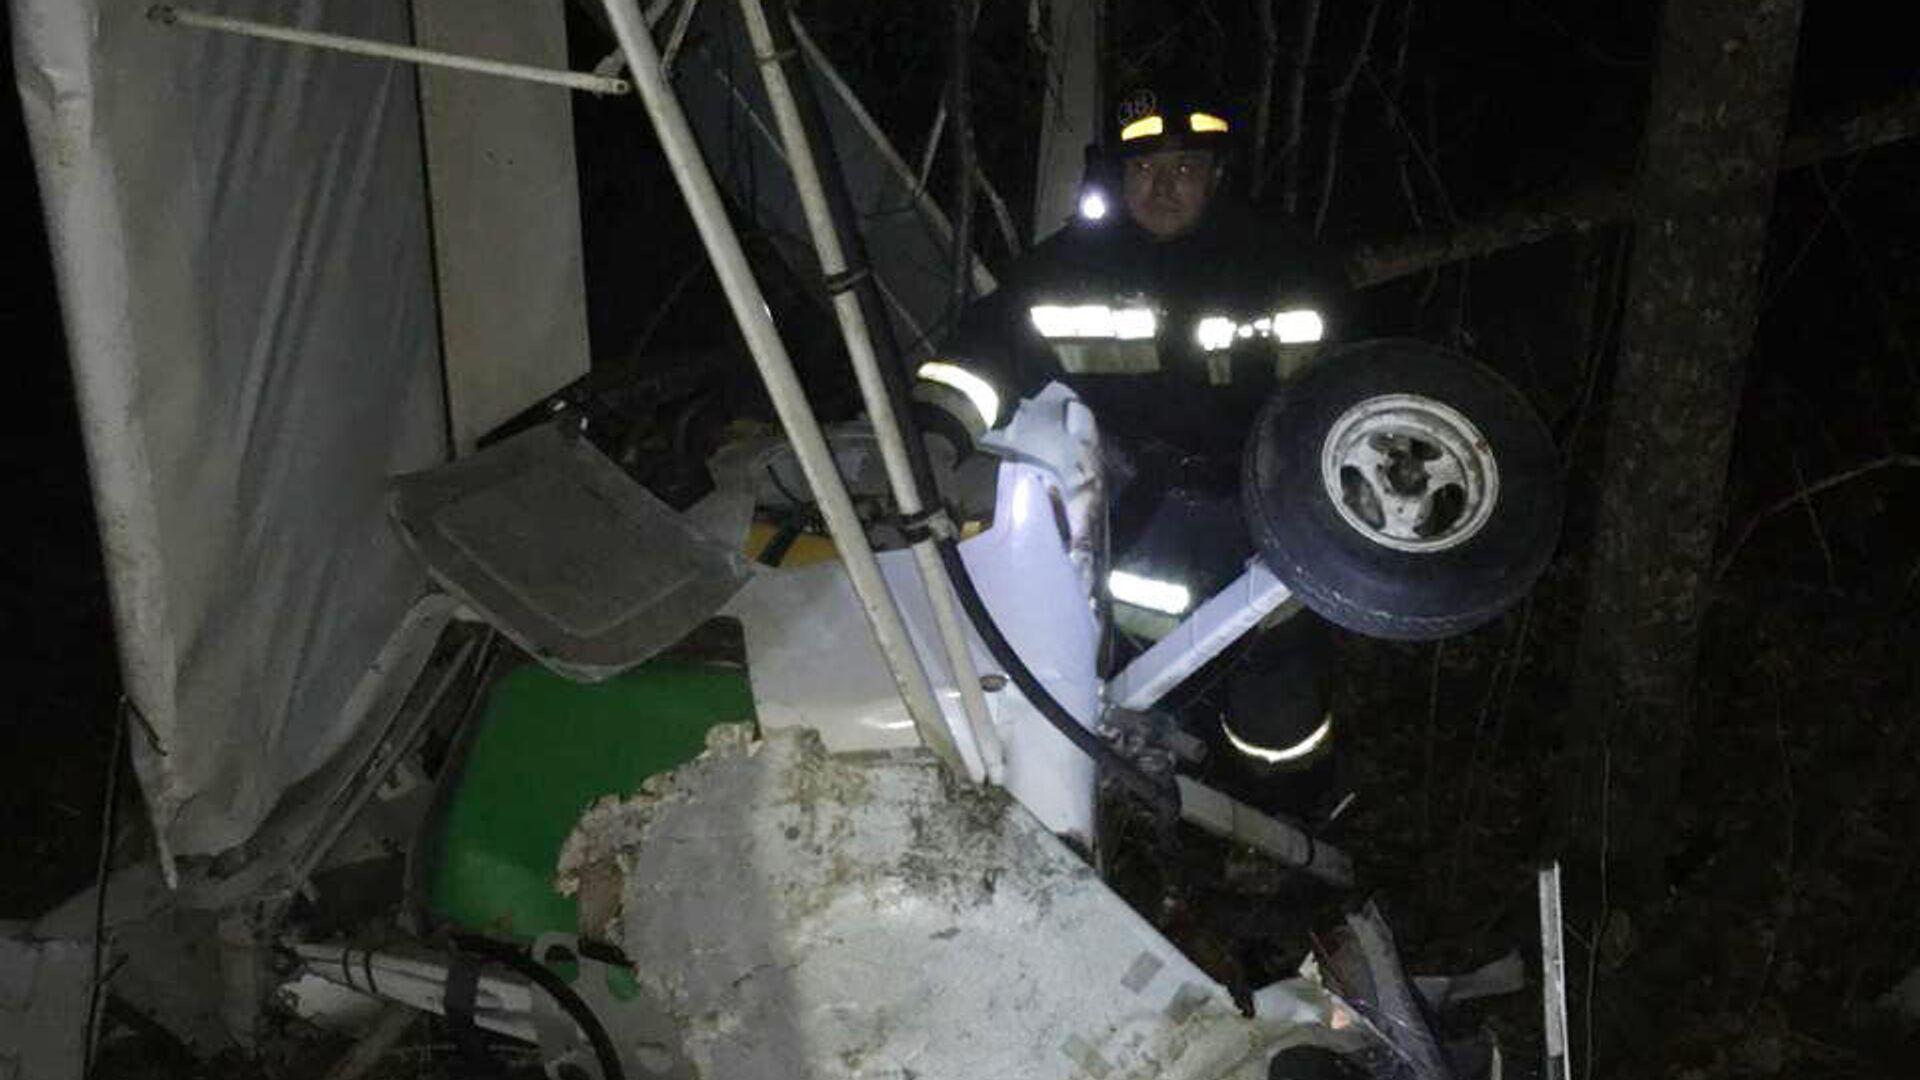 1578204956 0:318:960:858 1920x0 80 0 0 6966925029df85178a0efe8e43718202 - СК завел дело после падения легкомоторного самолета в Пензенской области